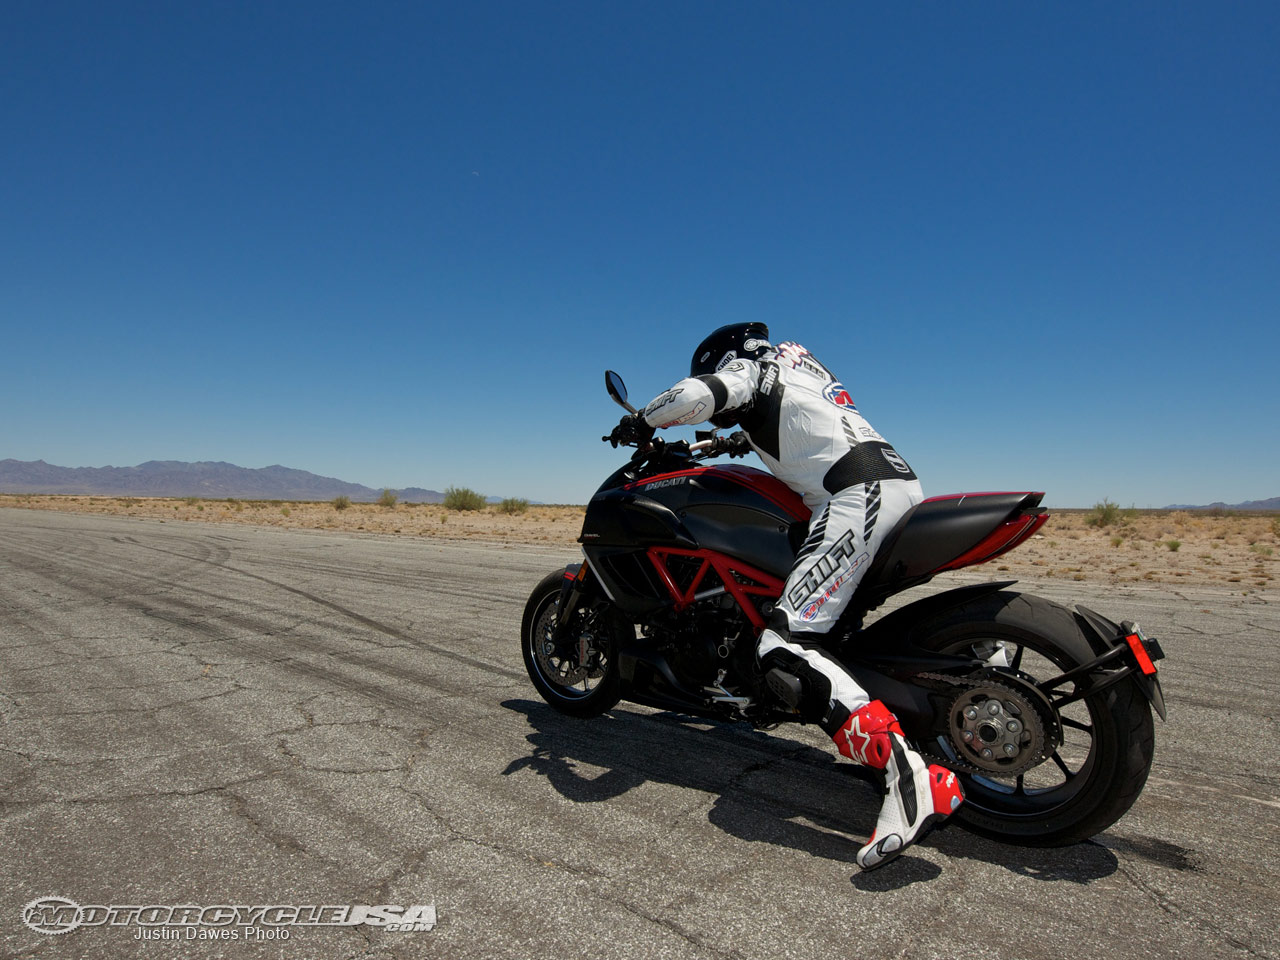 款杜卡迪Diavel摩托车图片1